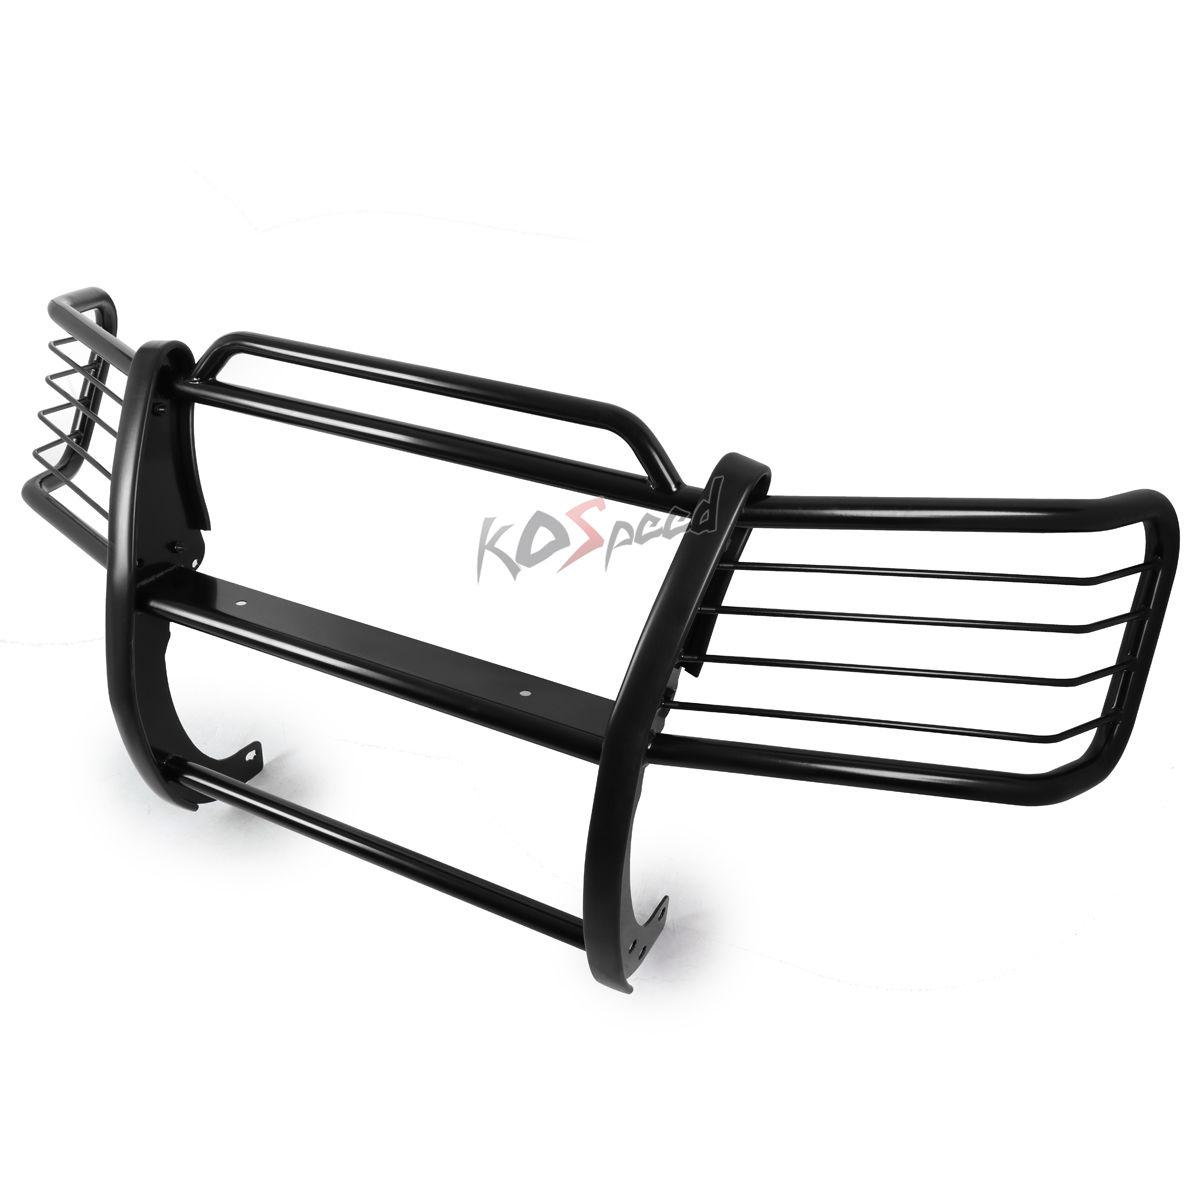 グリル 99-02遠征/ F15用の黒色軟鋼ブラシグリルガードフレームバー 0 2WD Black Mild Steel Brush Grille Guard Frame Bar for 99-02 Expedition/F150 2WD